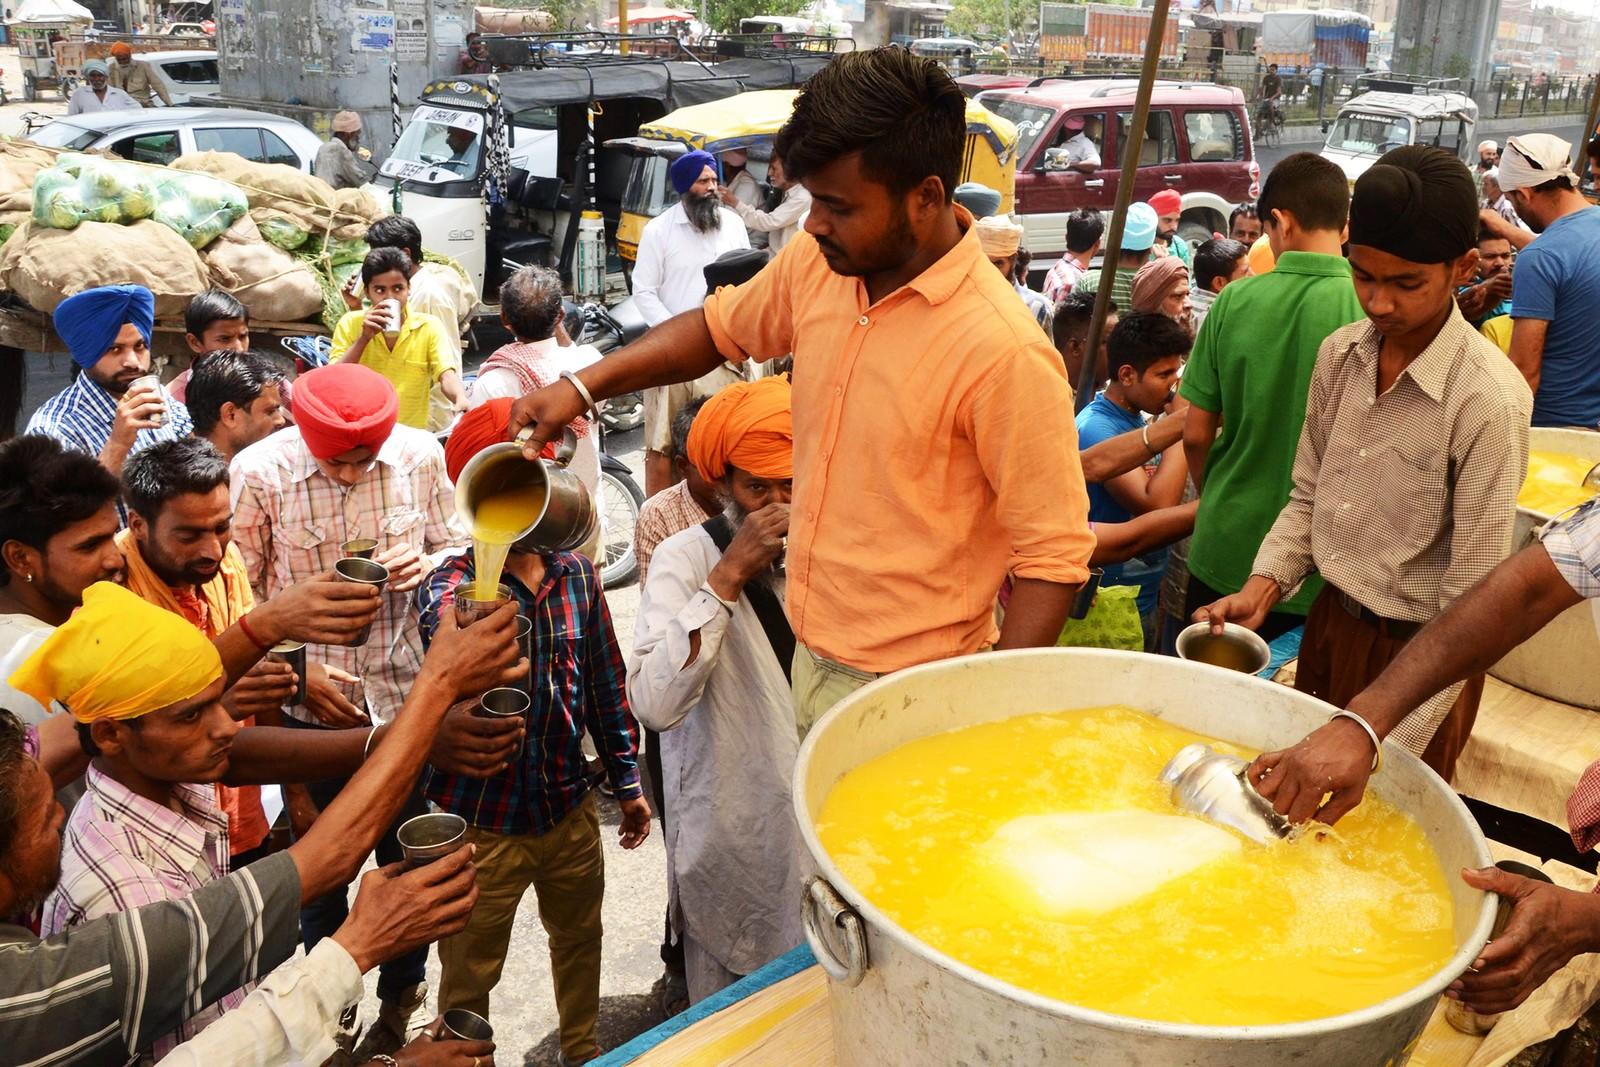 En frivillig deler ut avkjølt saft til tørste forbipasserende i Amritsar.